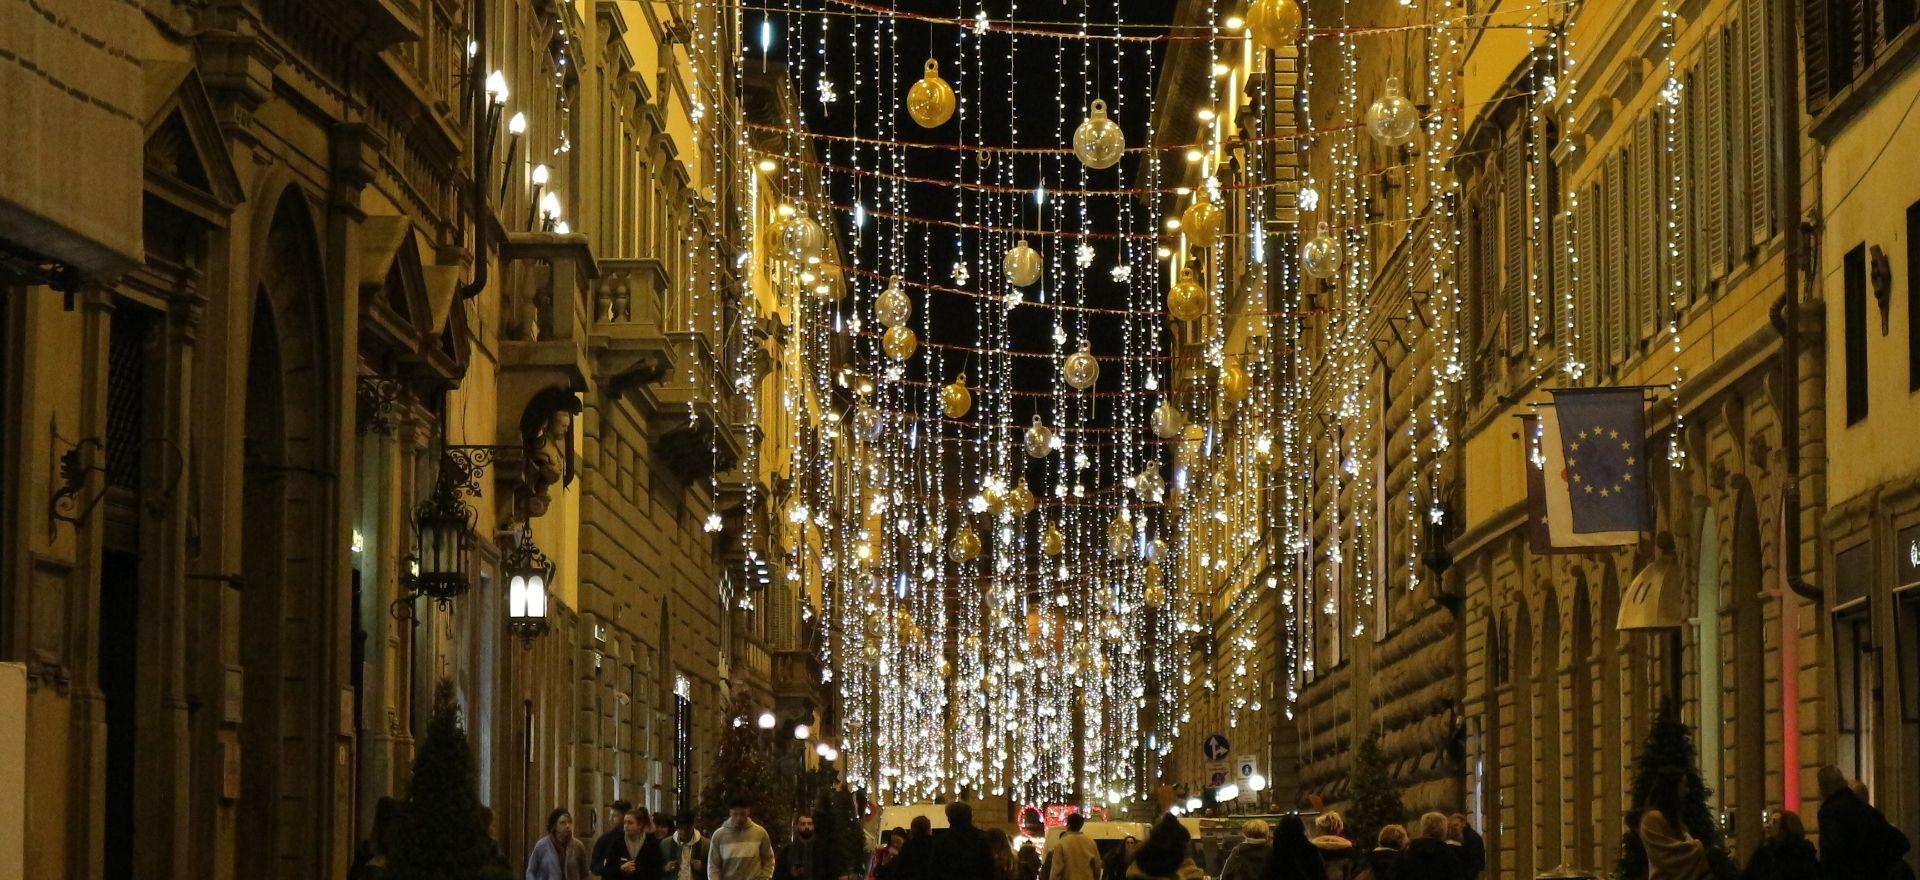 フィレンツェのクリスマスイルミネーション2019